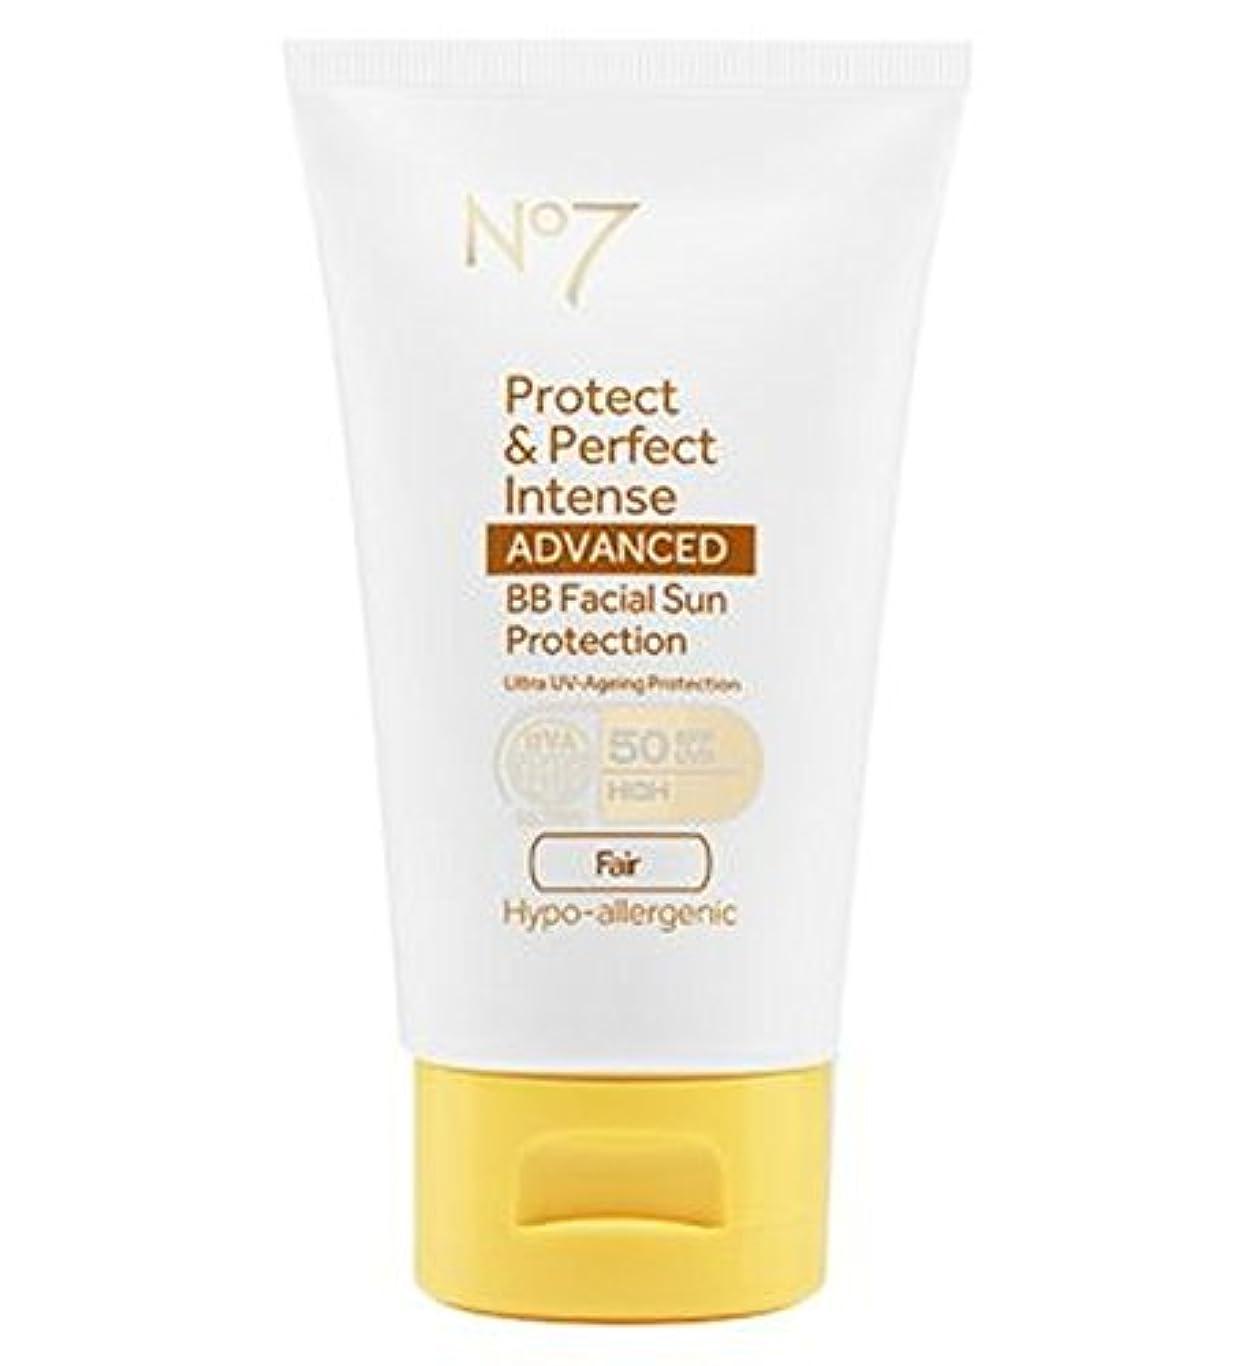 それに応じてマサッチョ振り向くNo7保護&完璧な強烈な先進Bb顔の日焼け防止Spf50フェア50ミリリットル (No7) (x2) - No7 Protect & Perfect Intense ADVANCED BB Facial Sun Protection...